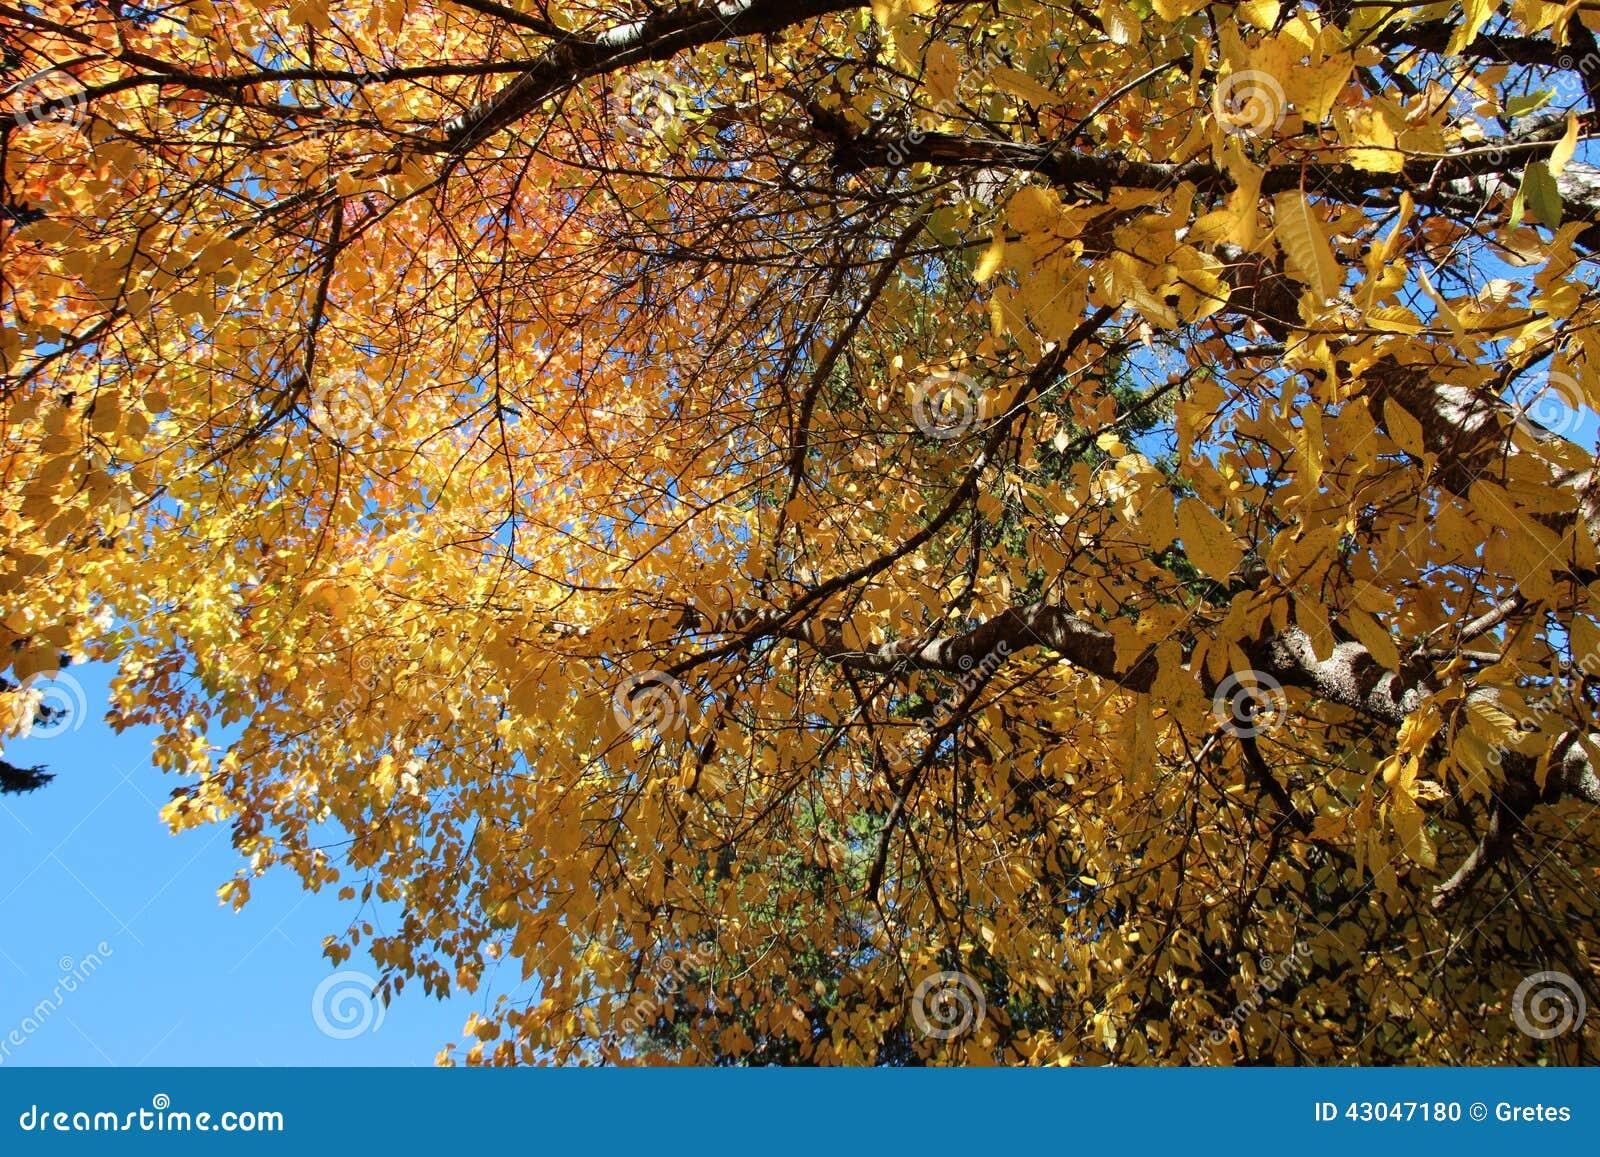 Golden autumn maple tree and sunburst